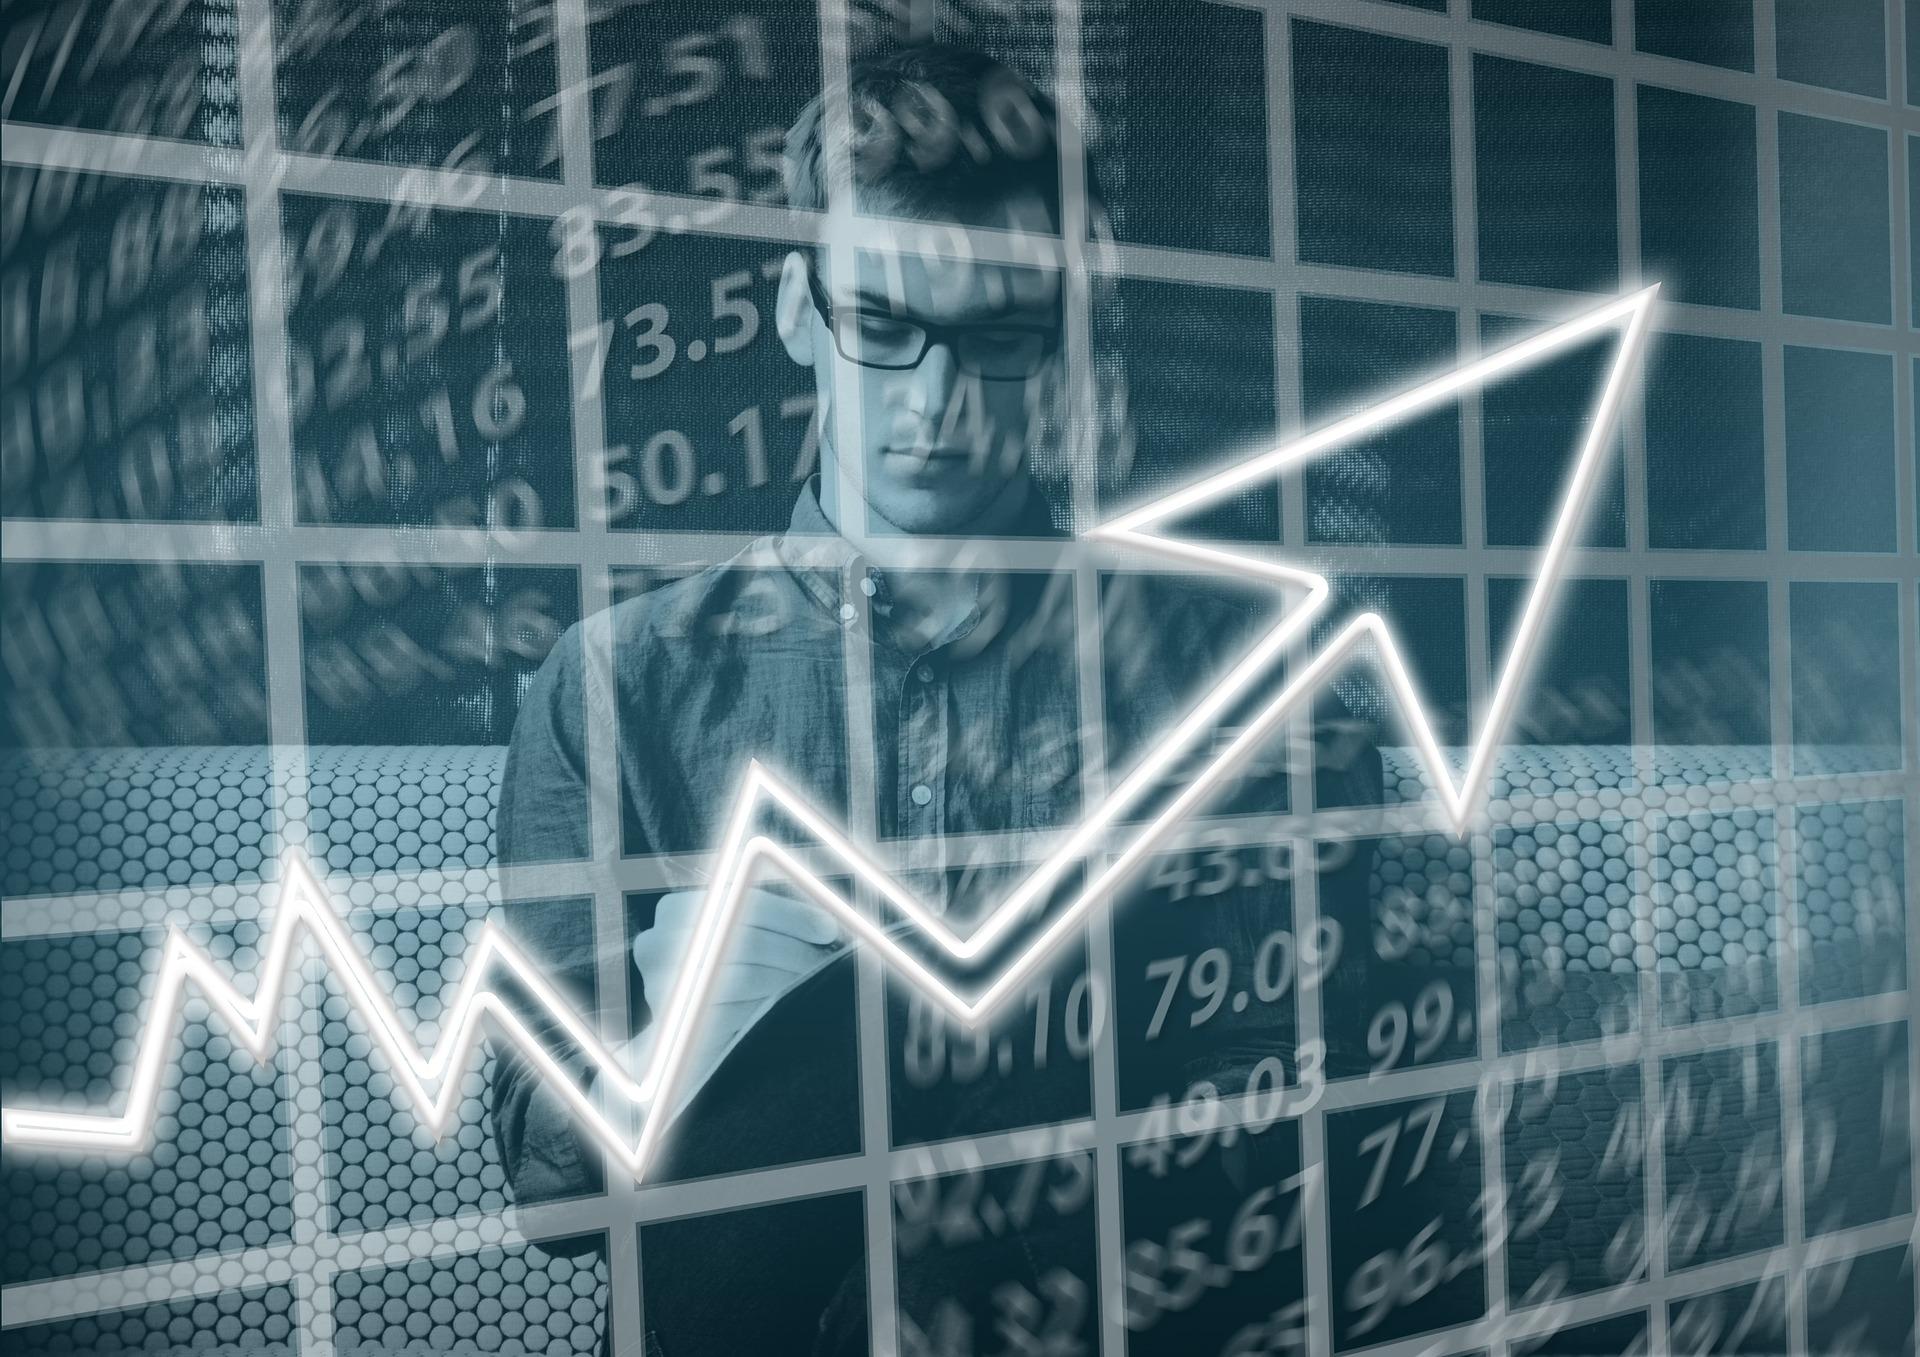 ⚡Индустриальный телекомитет близок к объявлению тендера на нового измерителя ТВ-рейтингов